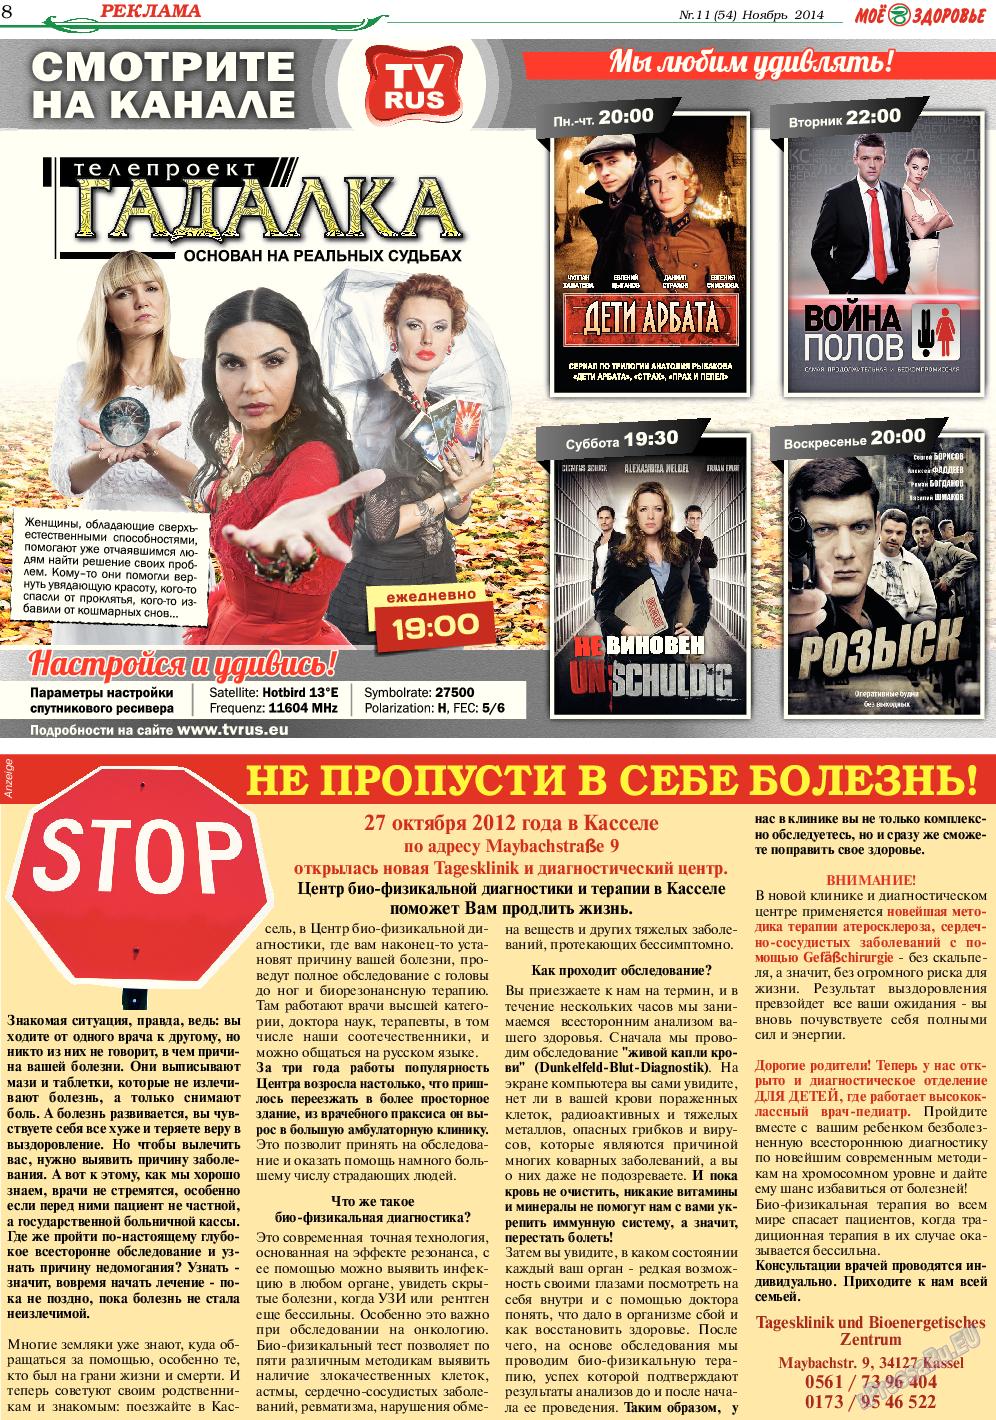 Кругозор (газета). 2014 год, номер 11, стр. 8